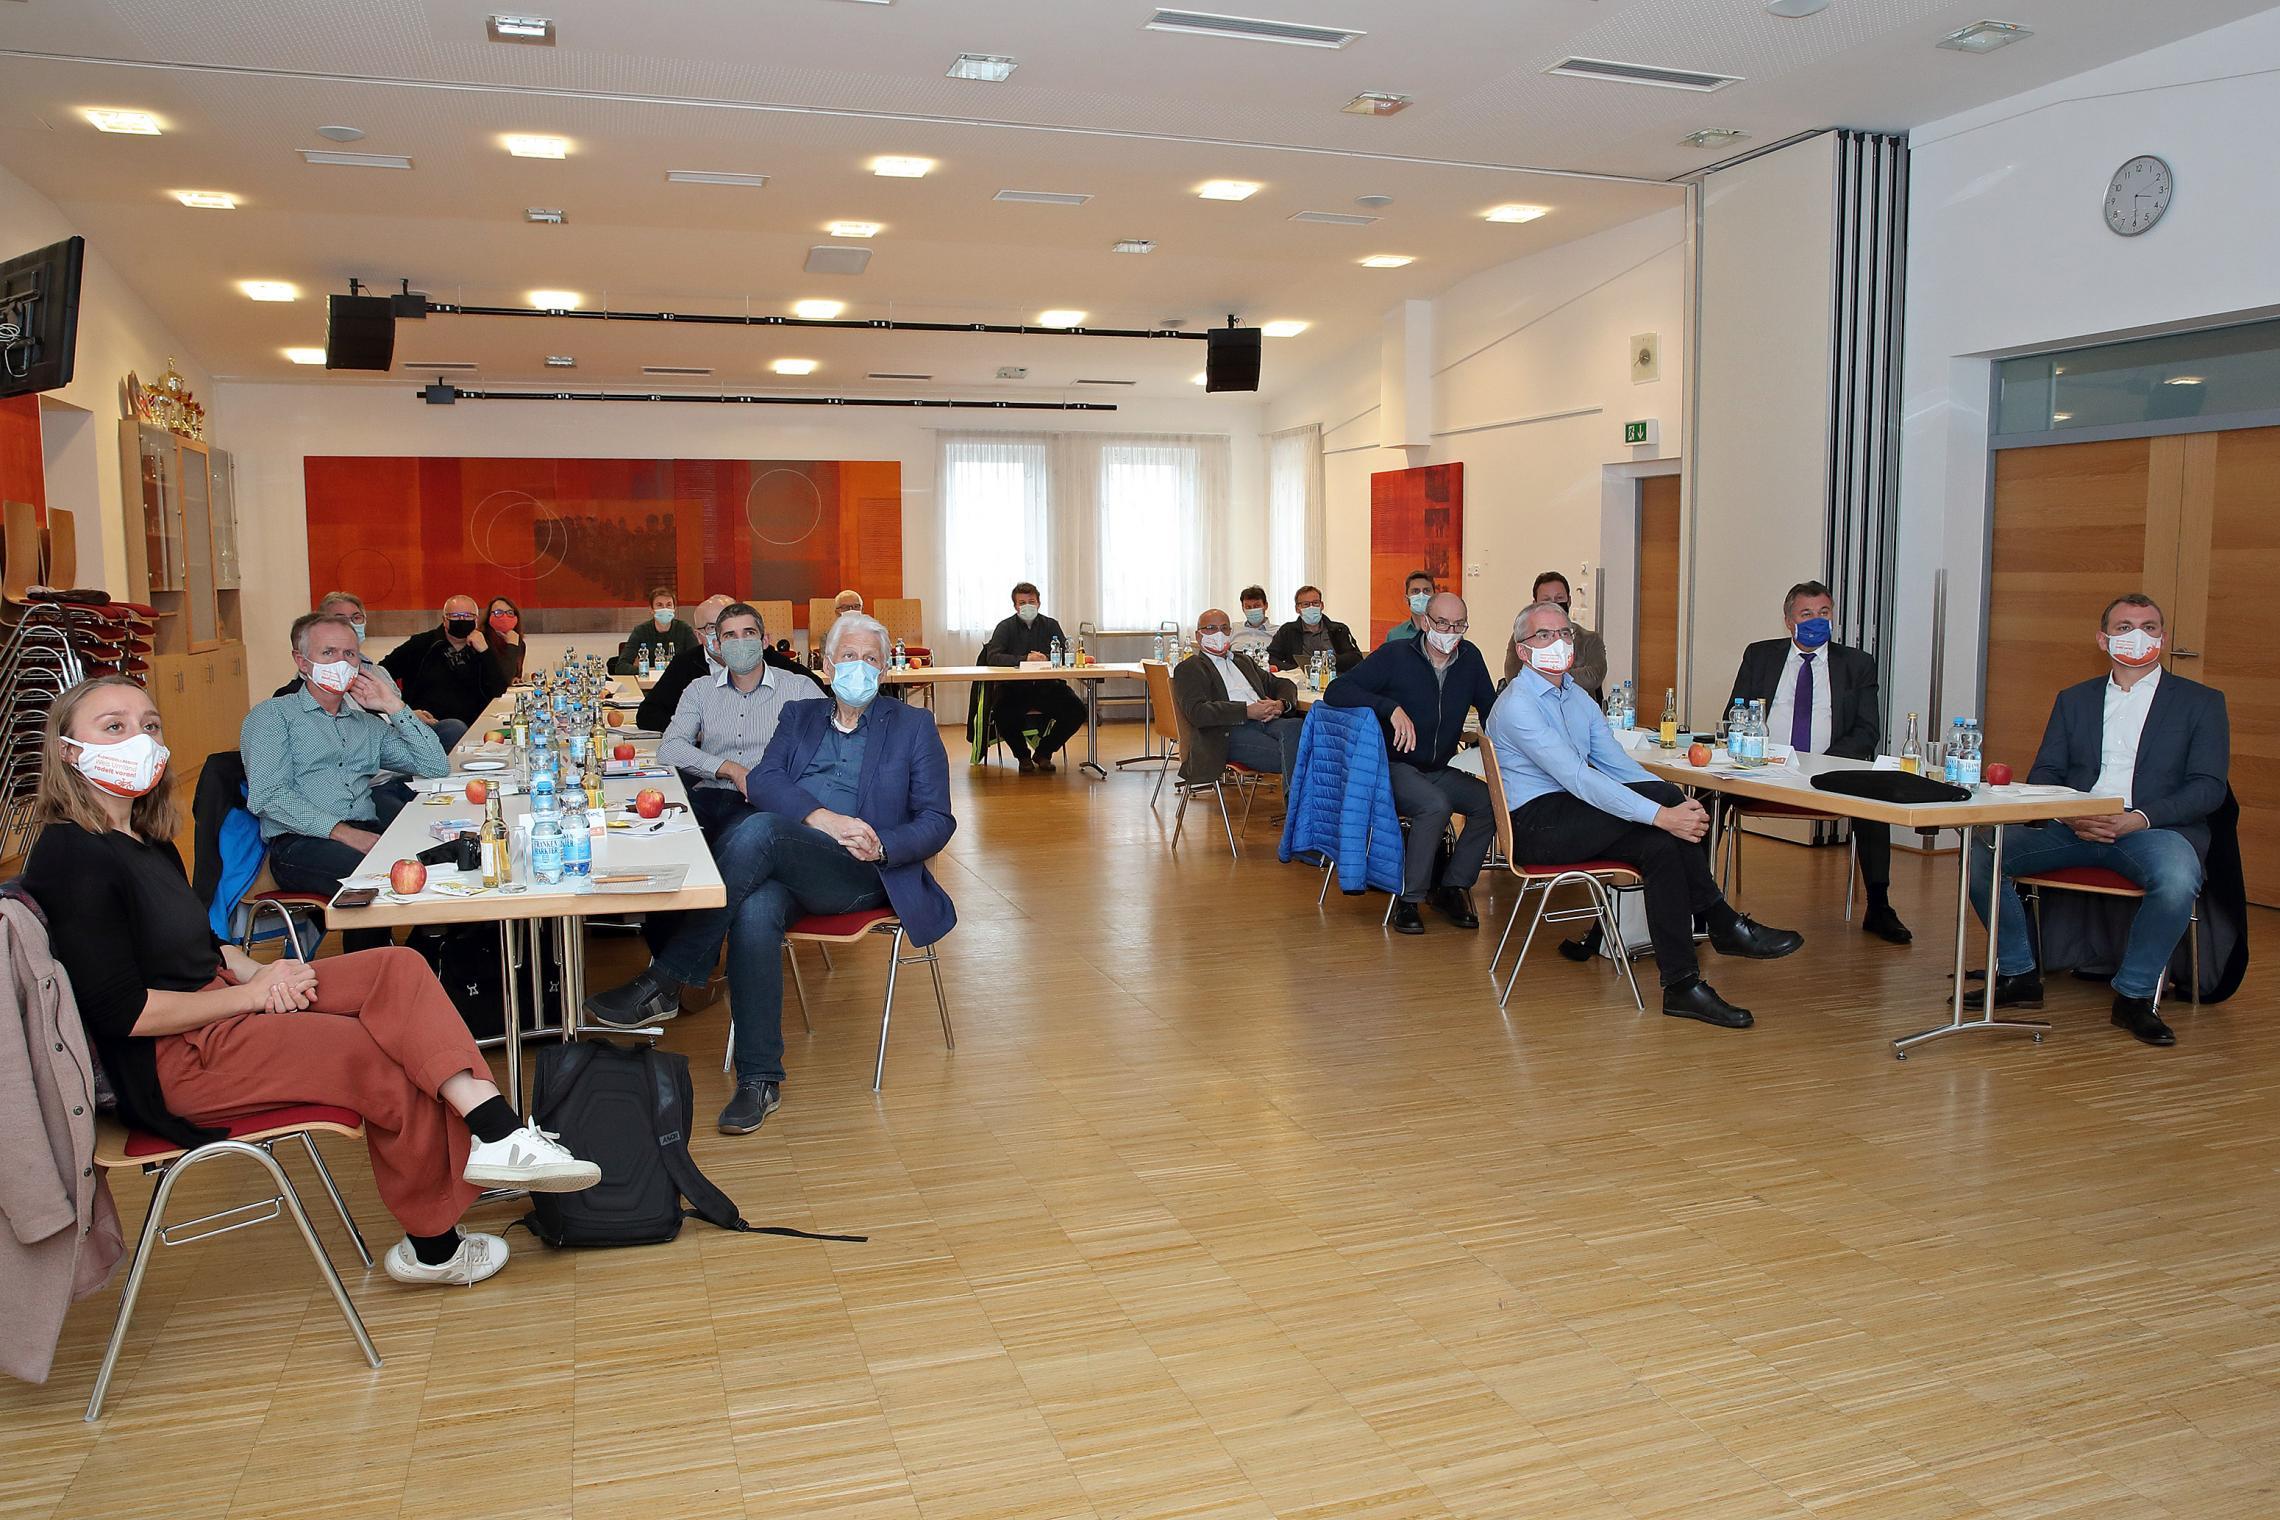 Viele TeilnehmerInnen des Radinfrastruktur-Dialogs blicken zum Vortragenden und hören interessiert zu